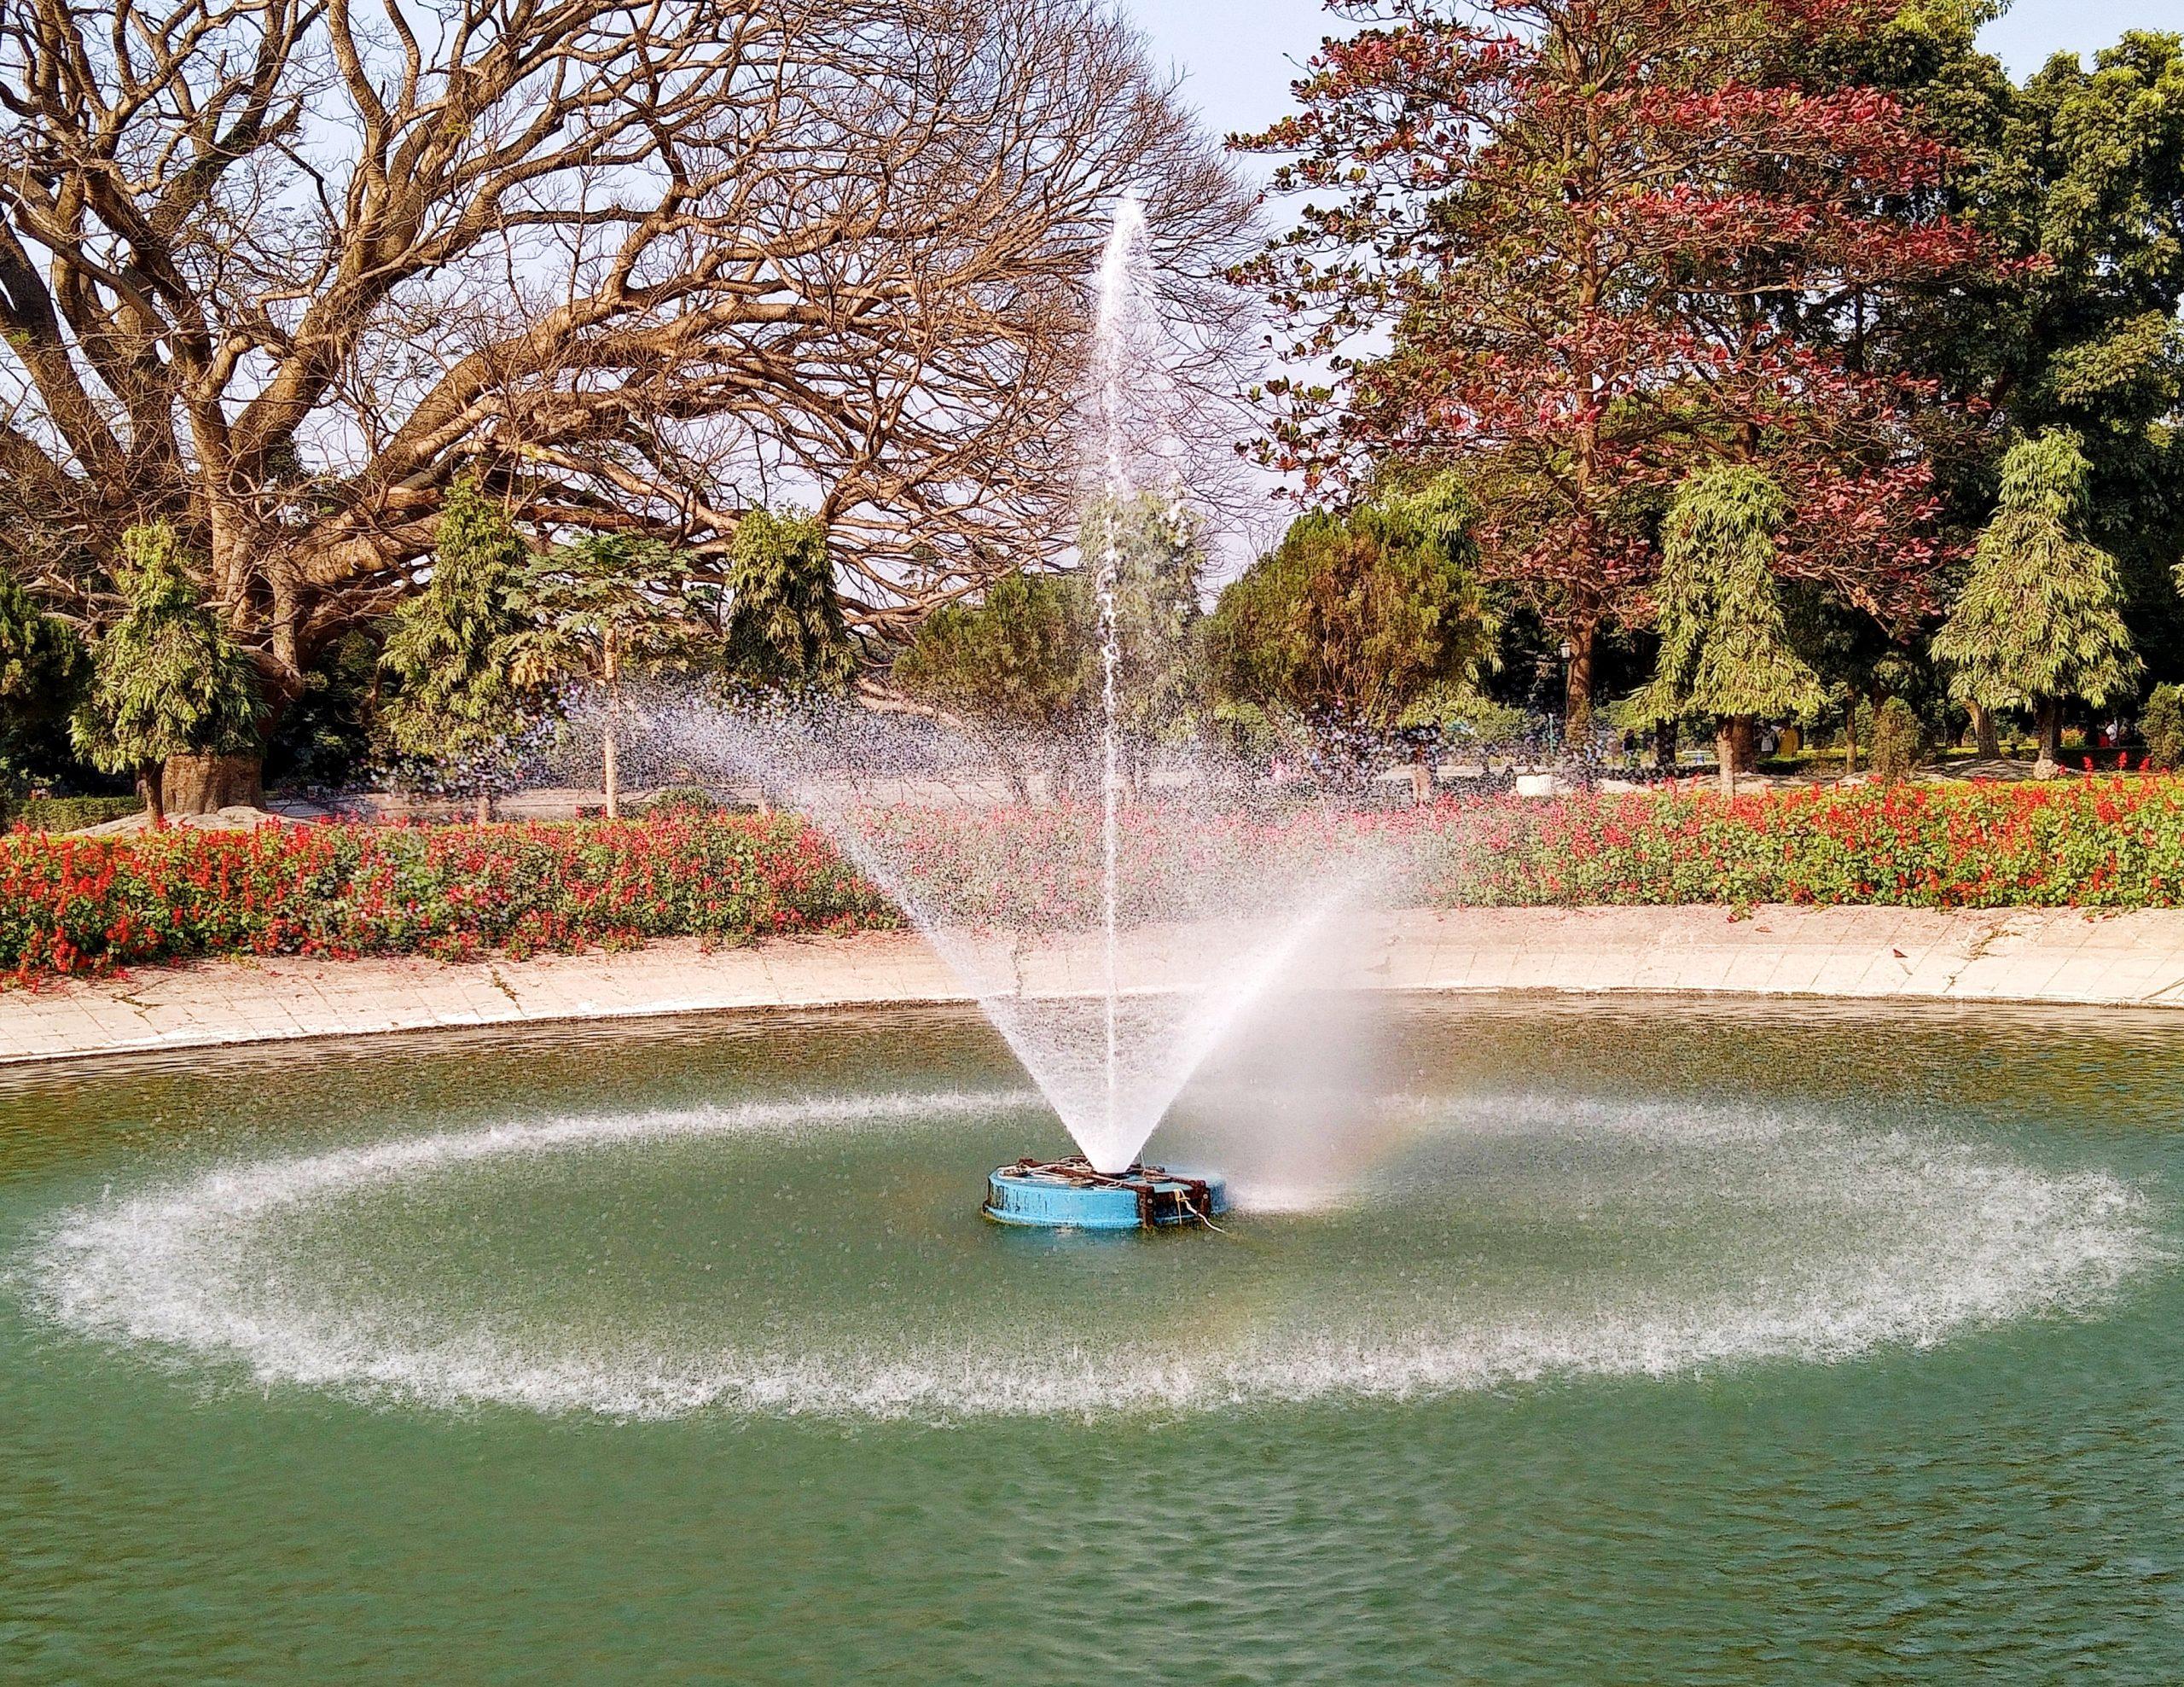 Fountain on the Park